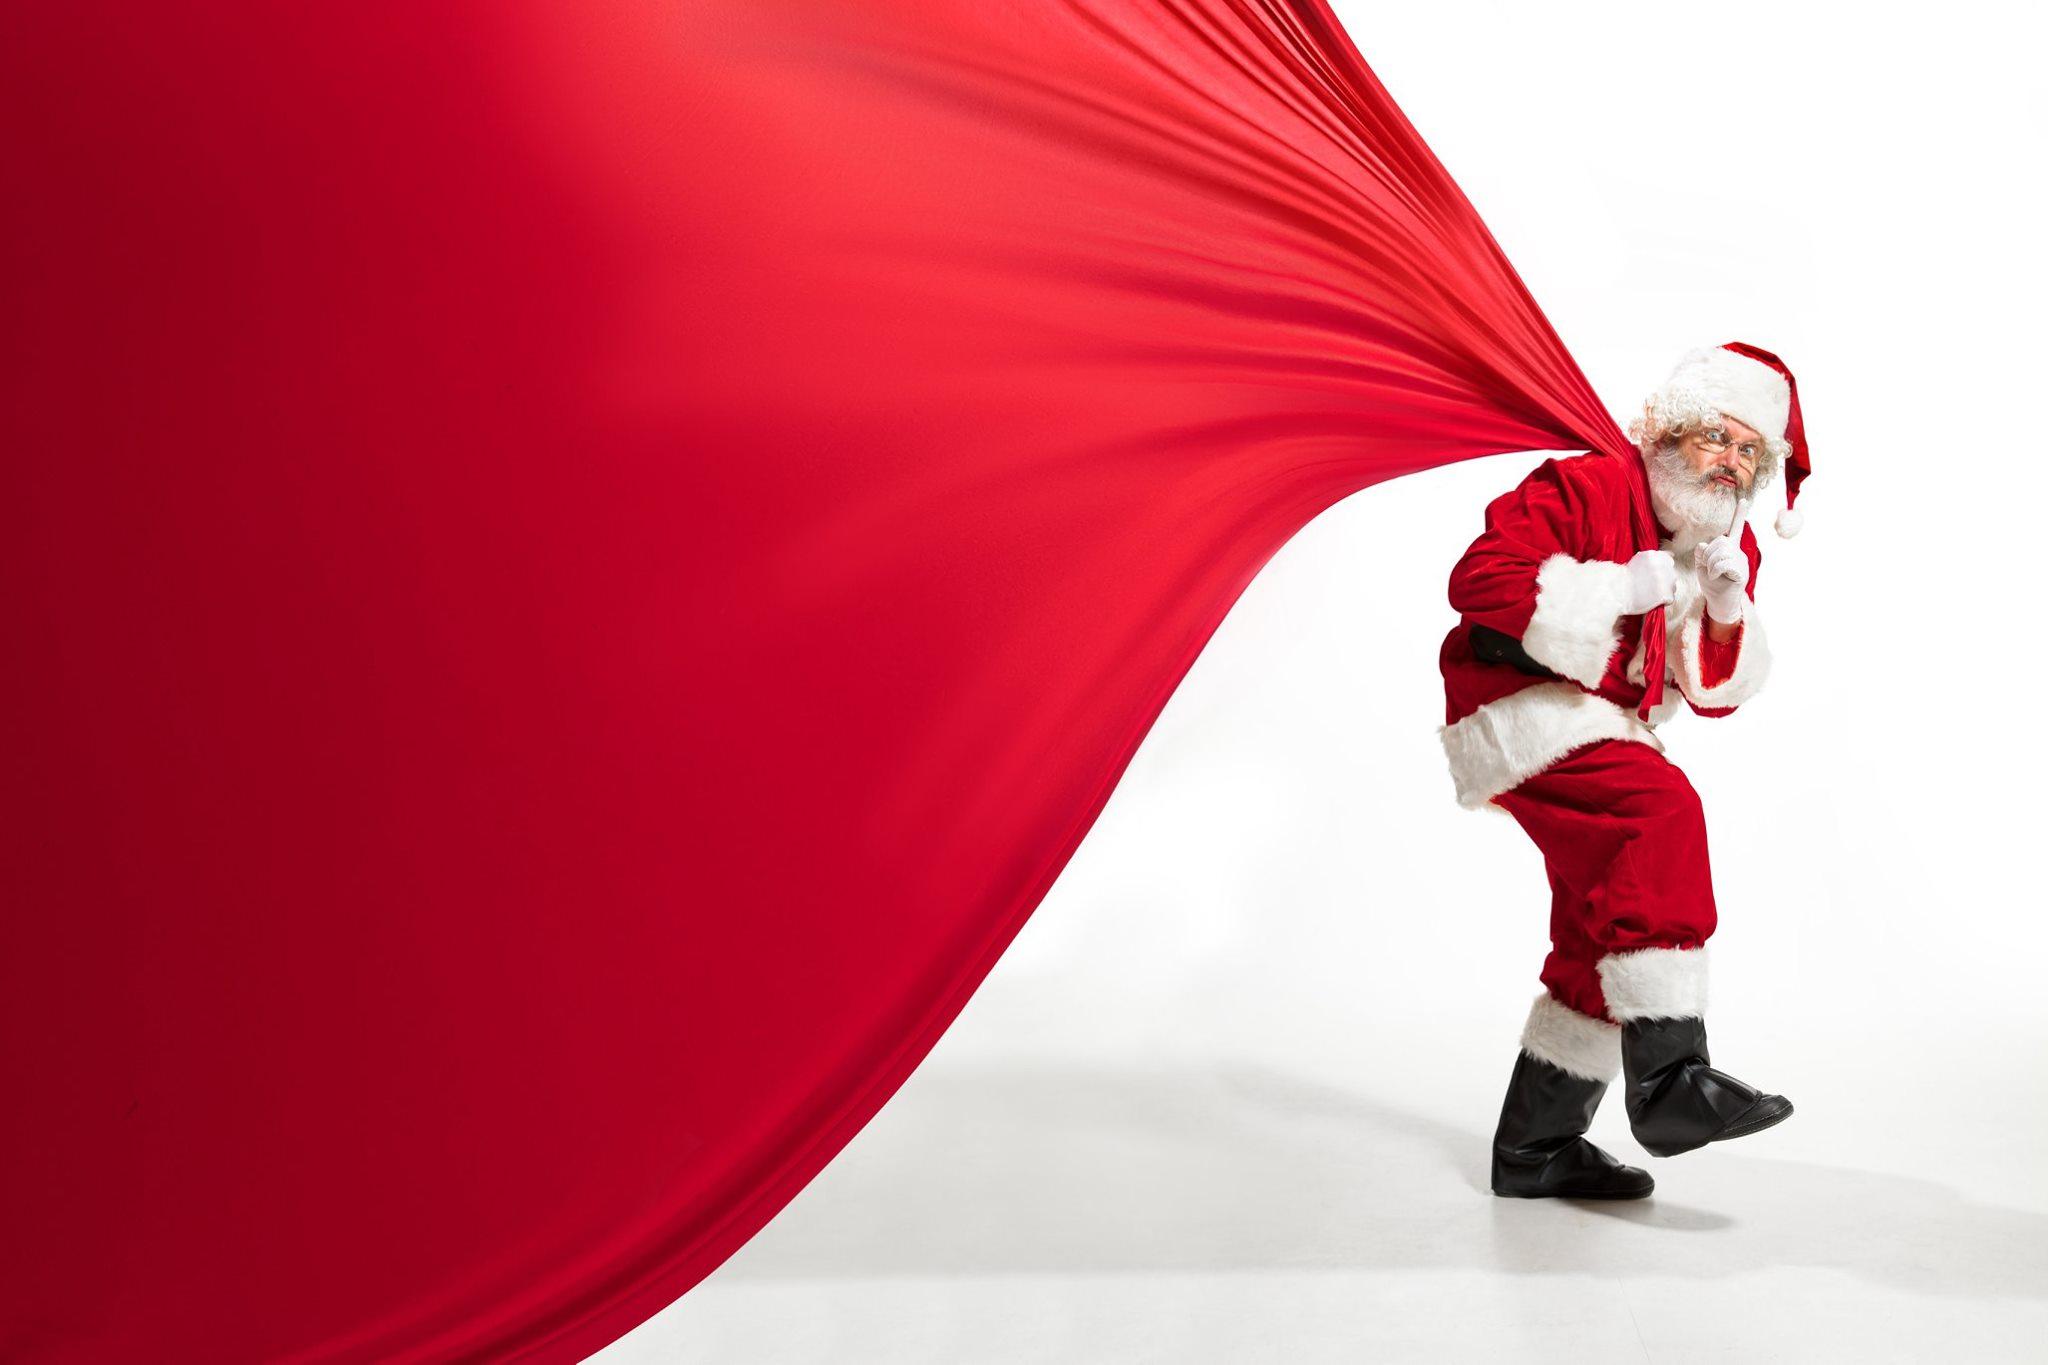 صور بابا نويل للكتابه عليها 4 صور بابا نويل للكتابه عليها